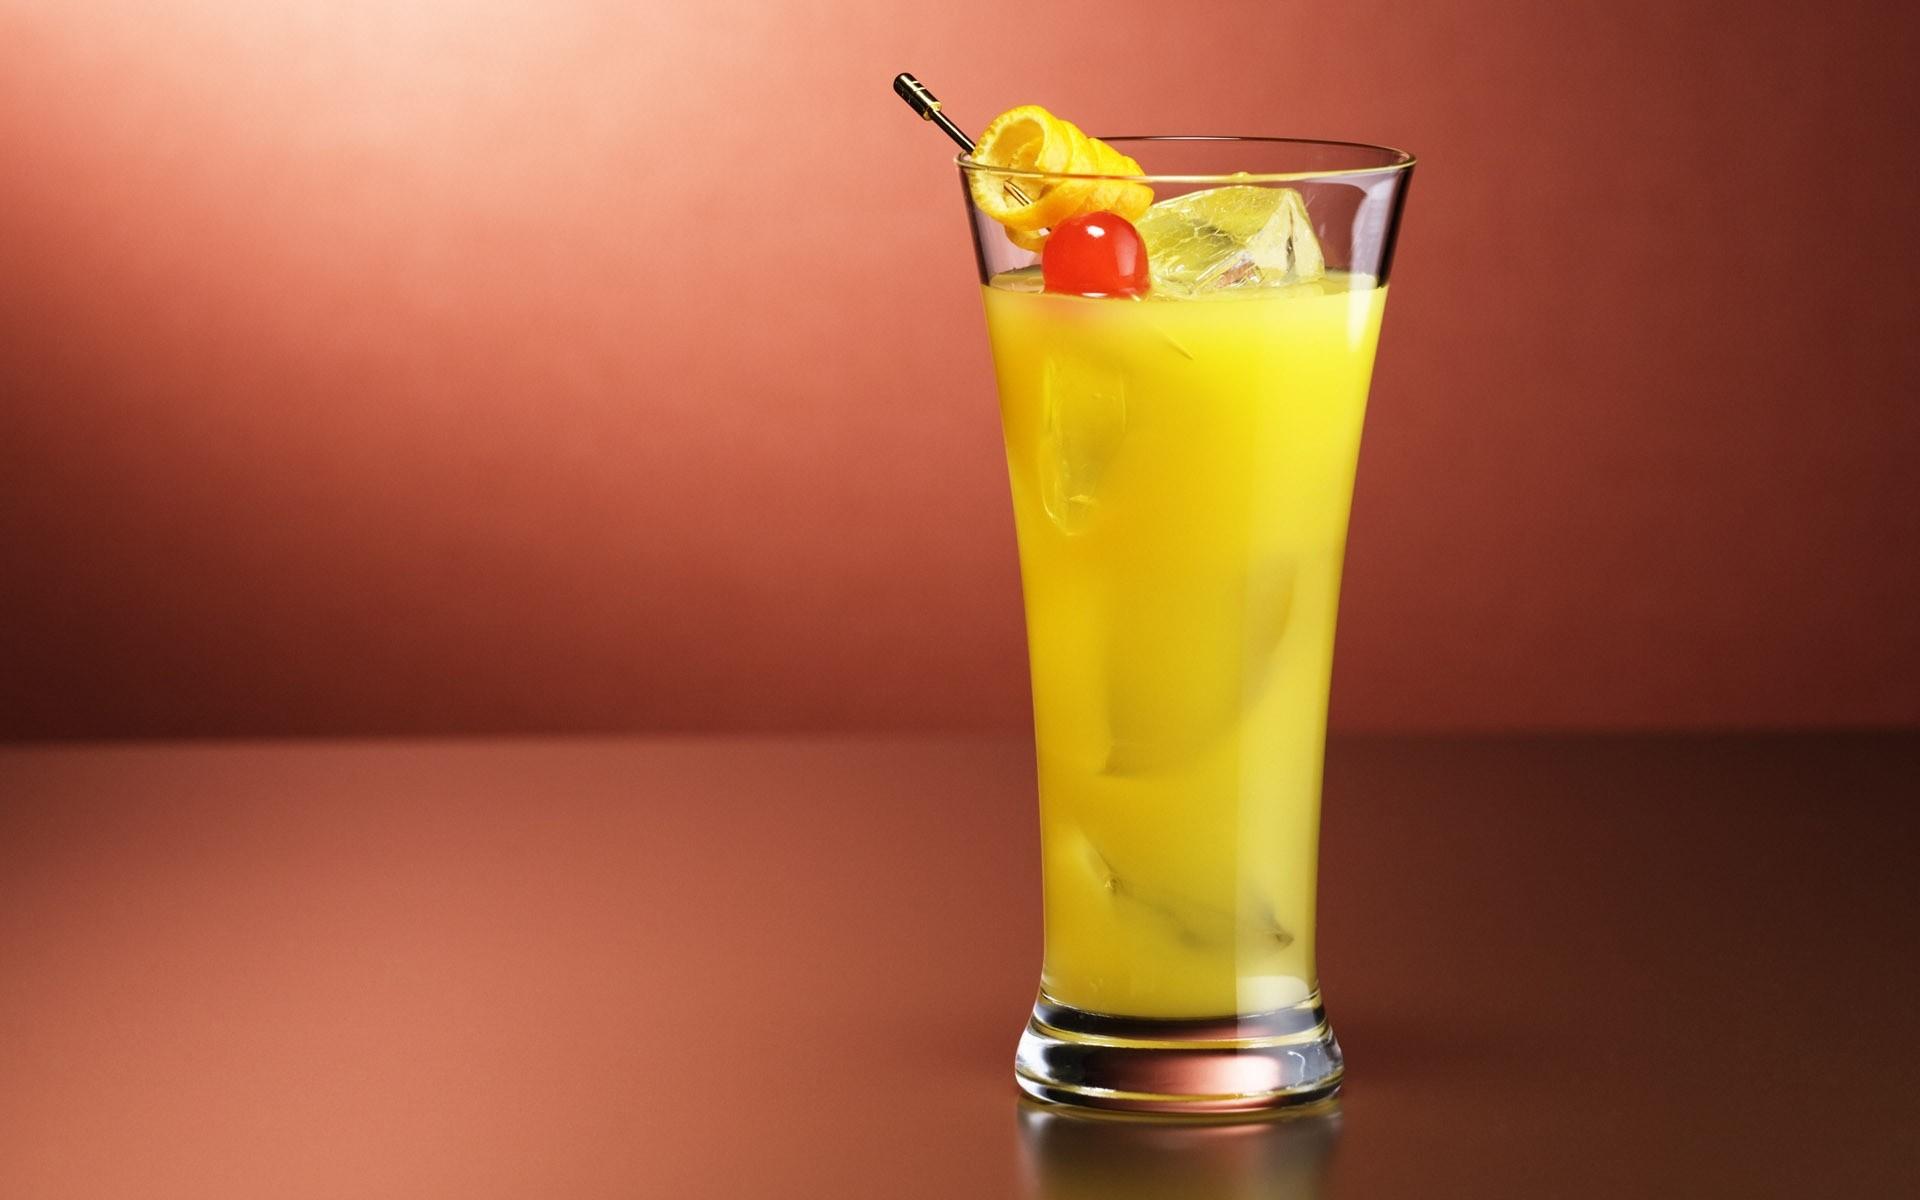 Vodka And Pineapple Juice Drinks